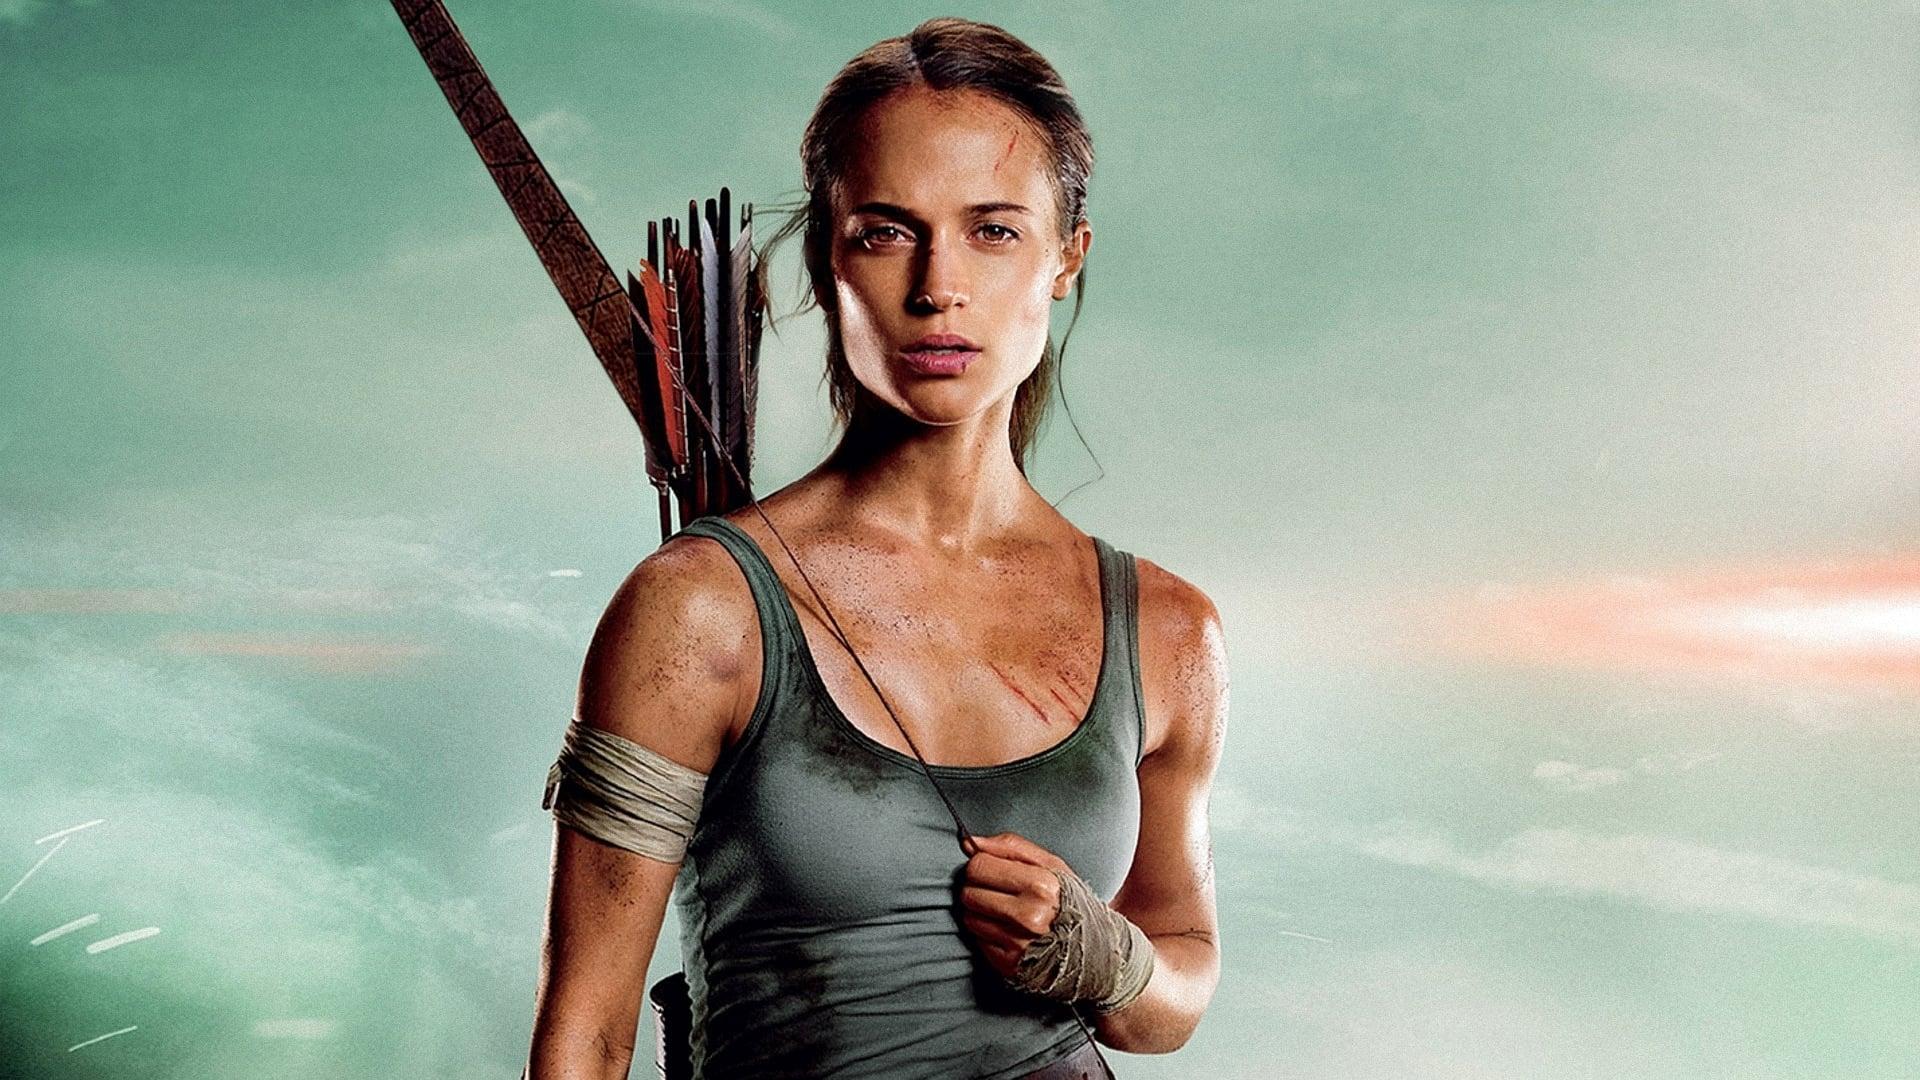 Tomb Raider Peliculas Online Gratis sin Descargar - Film ...